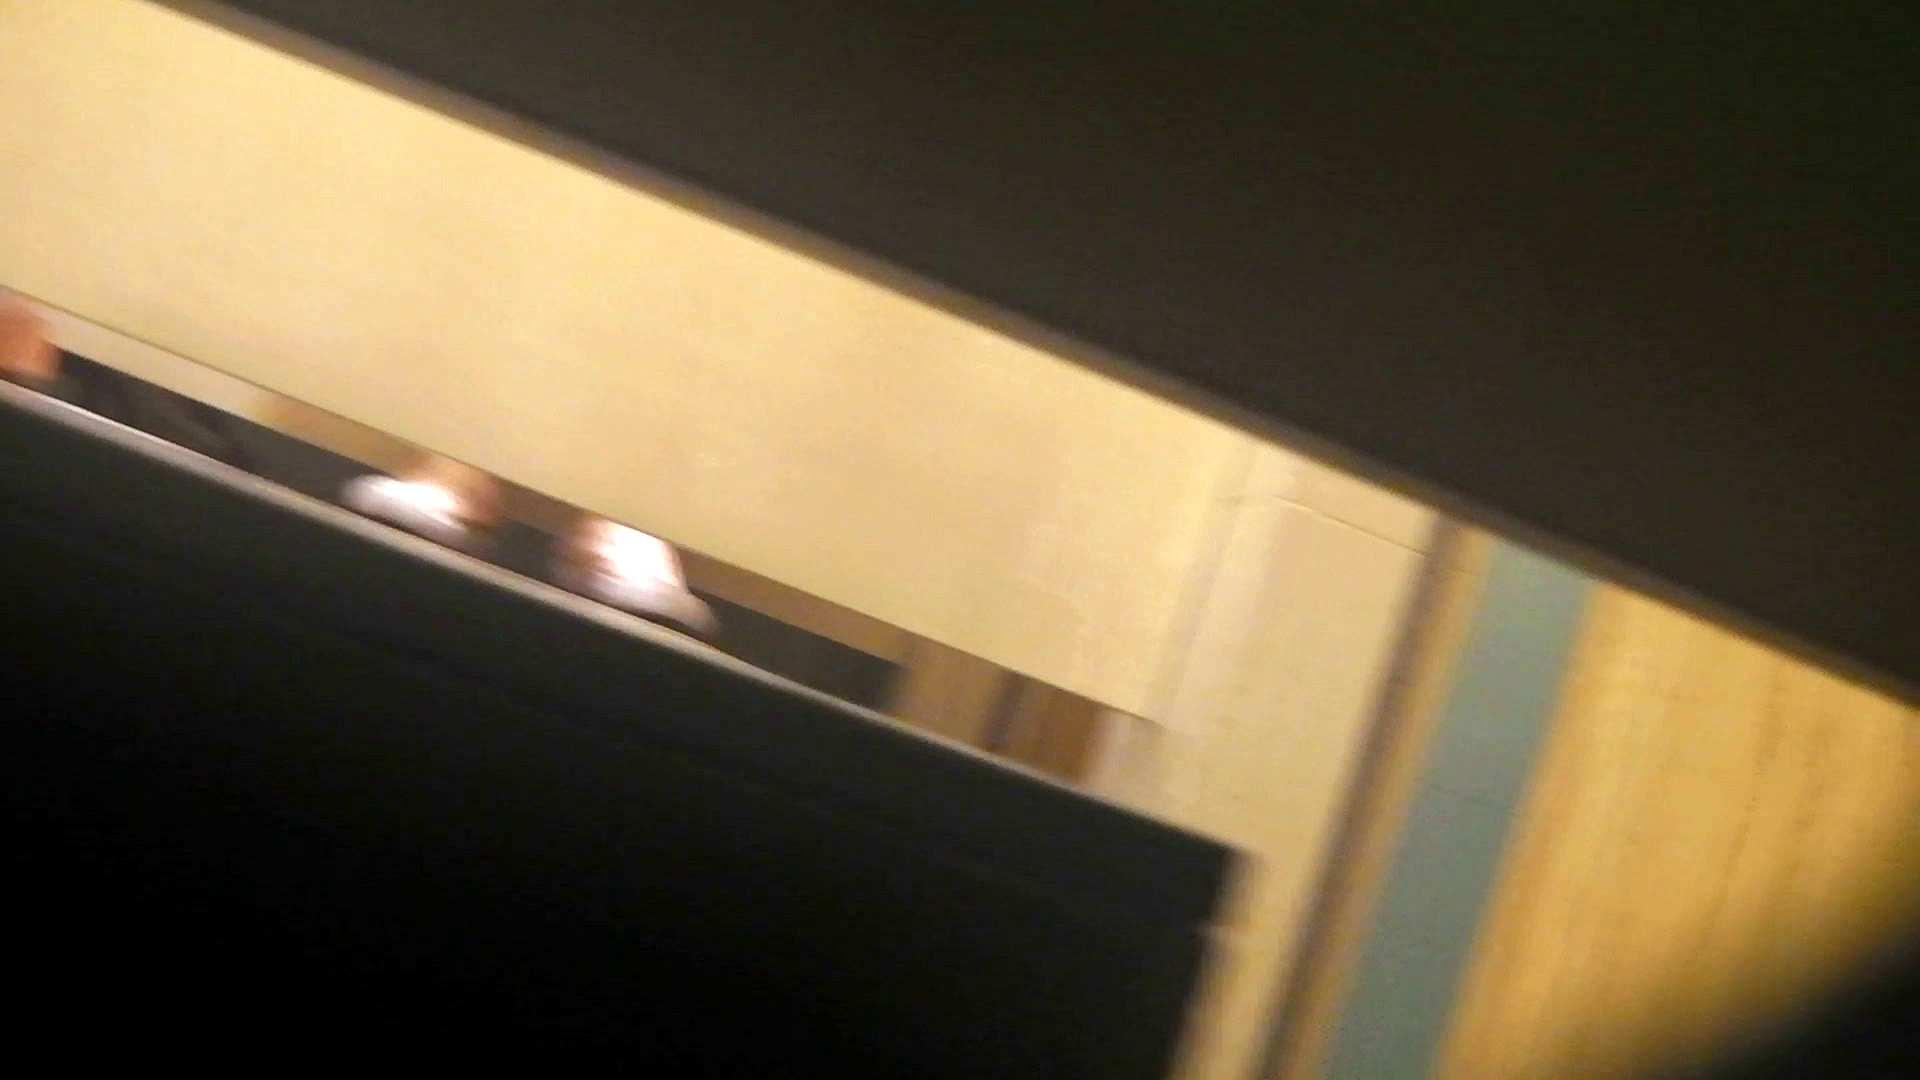 阿国ちゃんの「和式洋式七変化」No.12 ギャル攻め すけべAV動画紹介 99画像 80